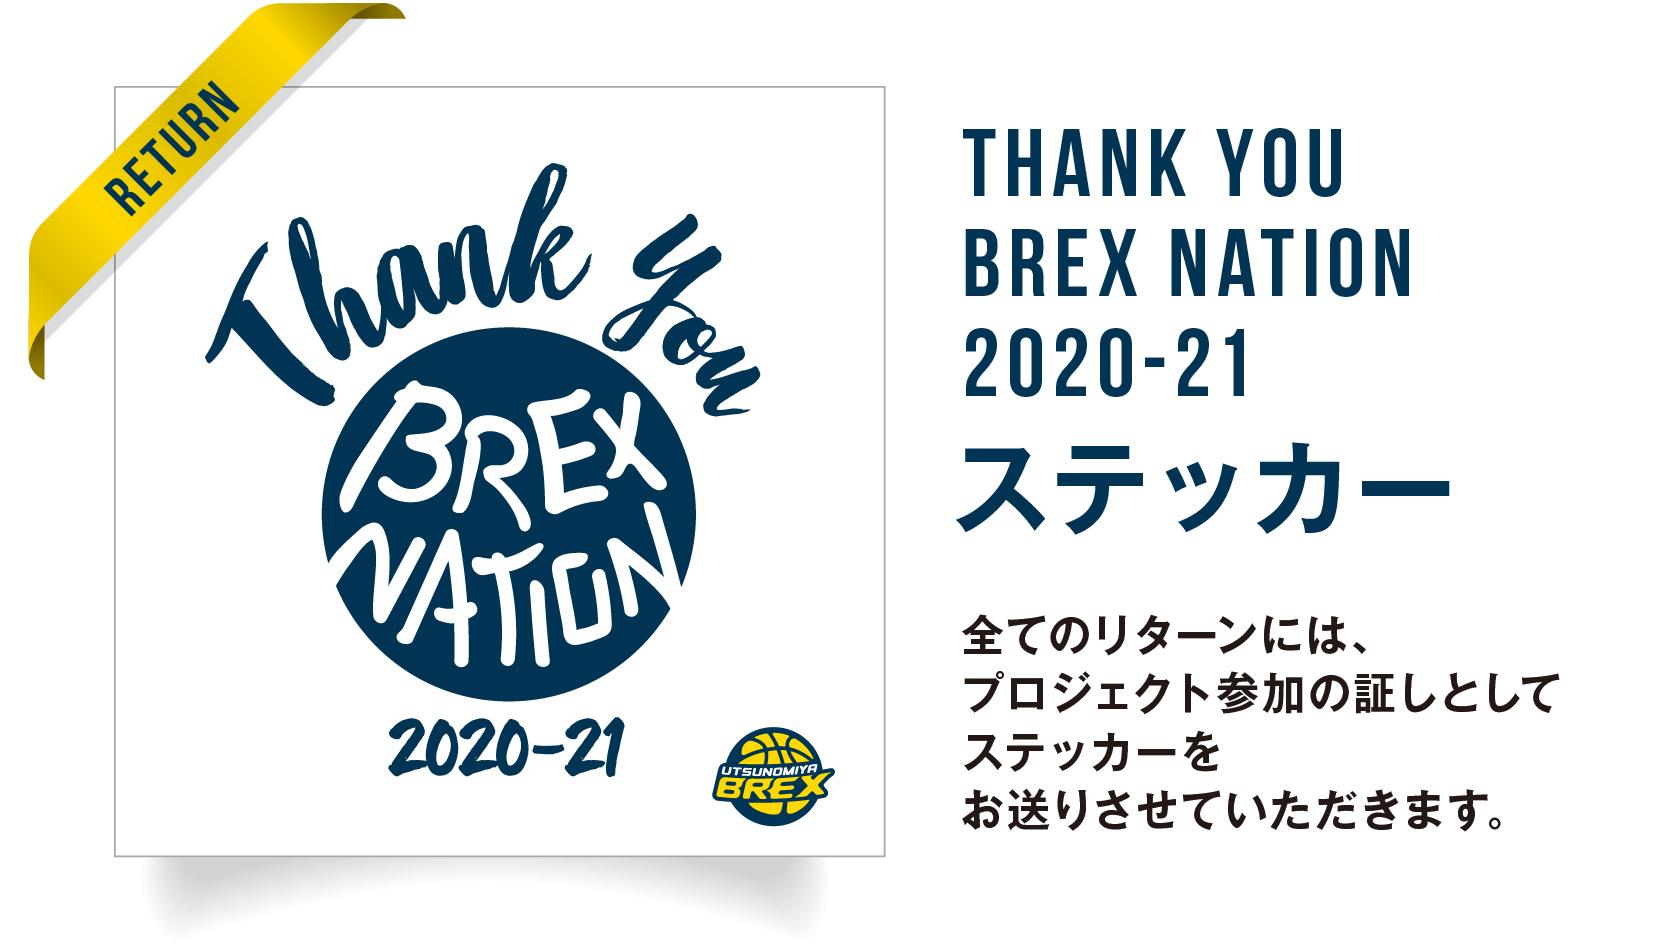 クラウドファンディング THANK YOU BREX NATIONステッカー